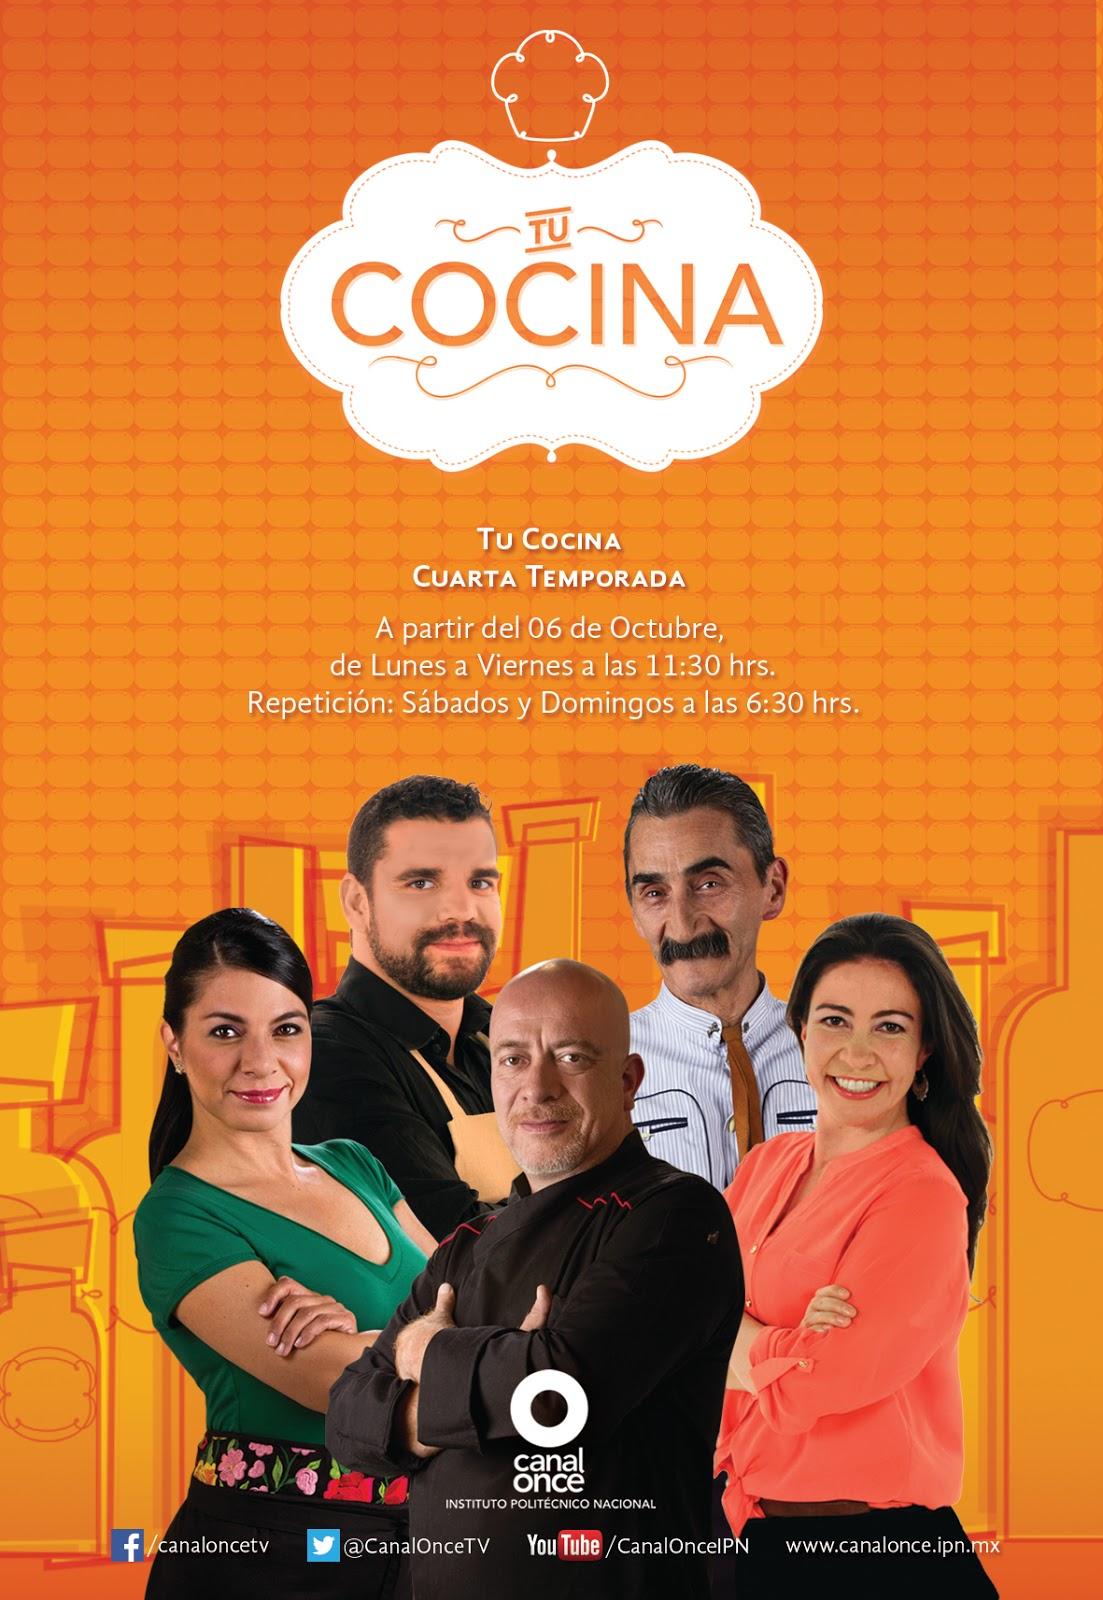 Nueva temporada de tu cocina tvcinews tv de paga for Canal cocina mexicana